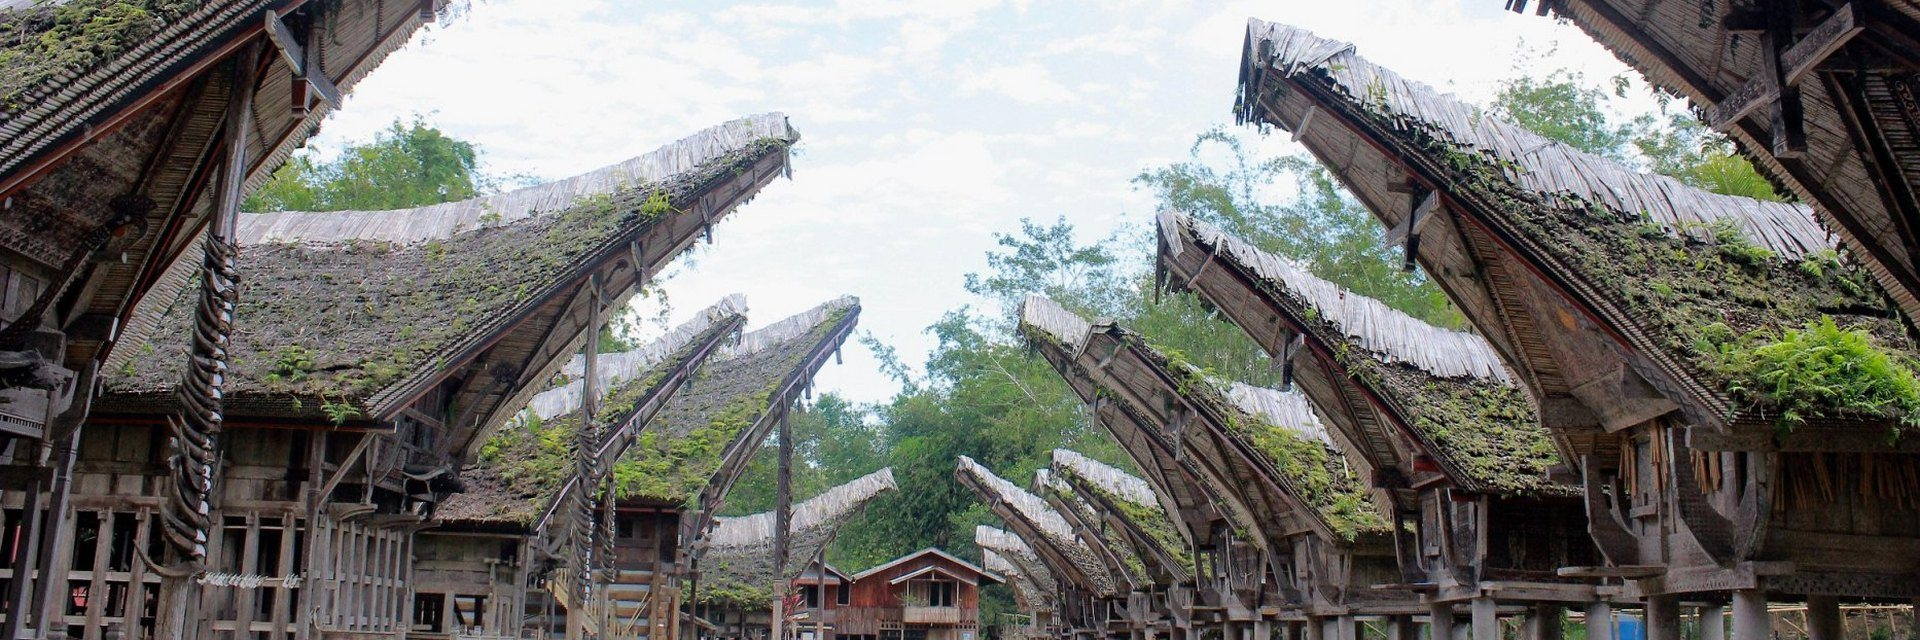 10 Kegiatan yang Wajib Dolaners Lakukan Saat Berlibur ke Tana Toraja 10 Kegiatan yang Wajib Dolaners Lakukan Saat Berlibur ke Tana Toraja - Dolan Dolen